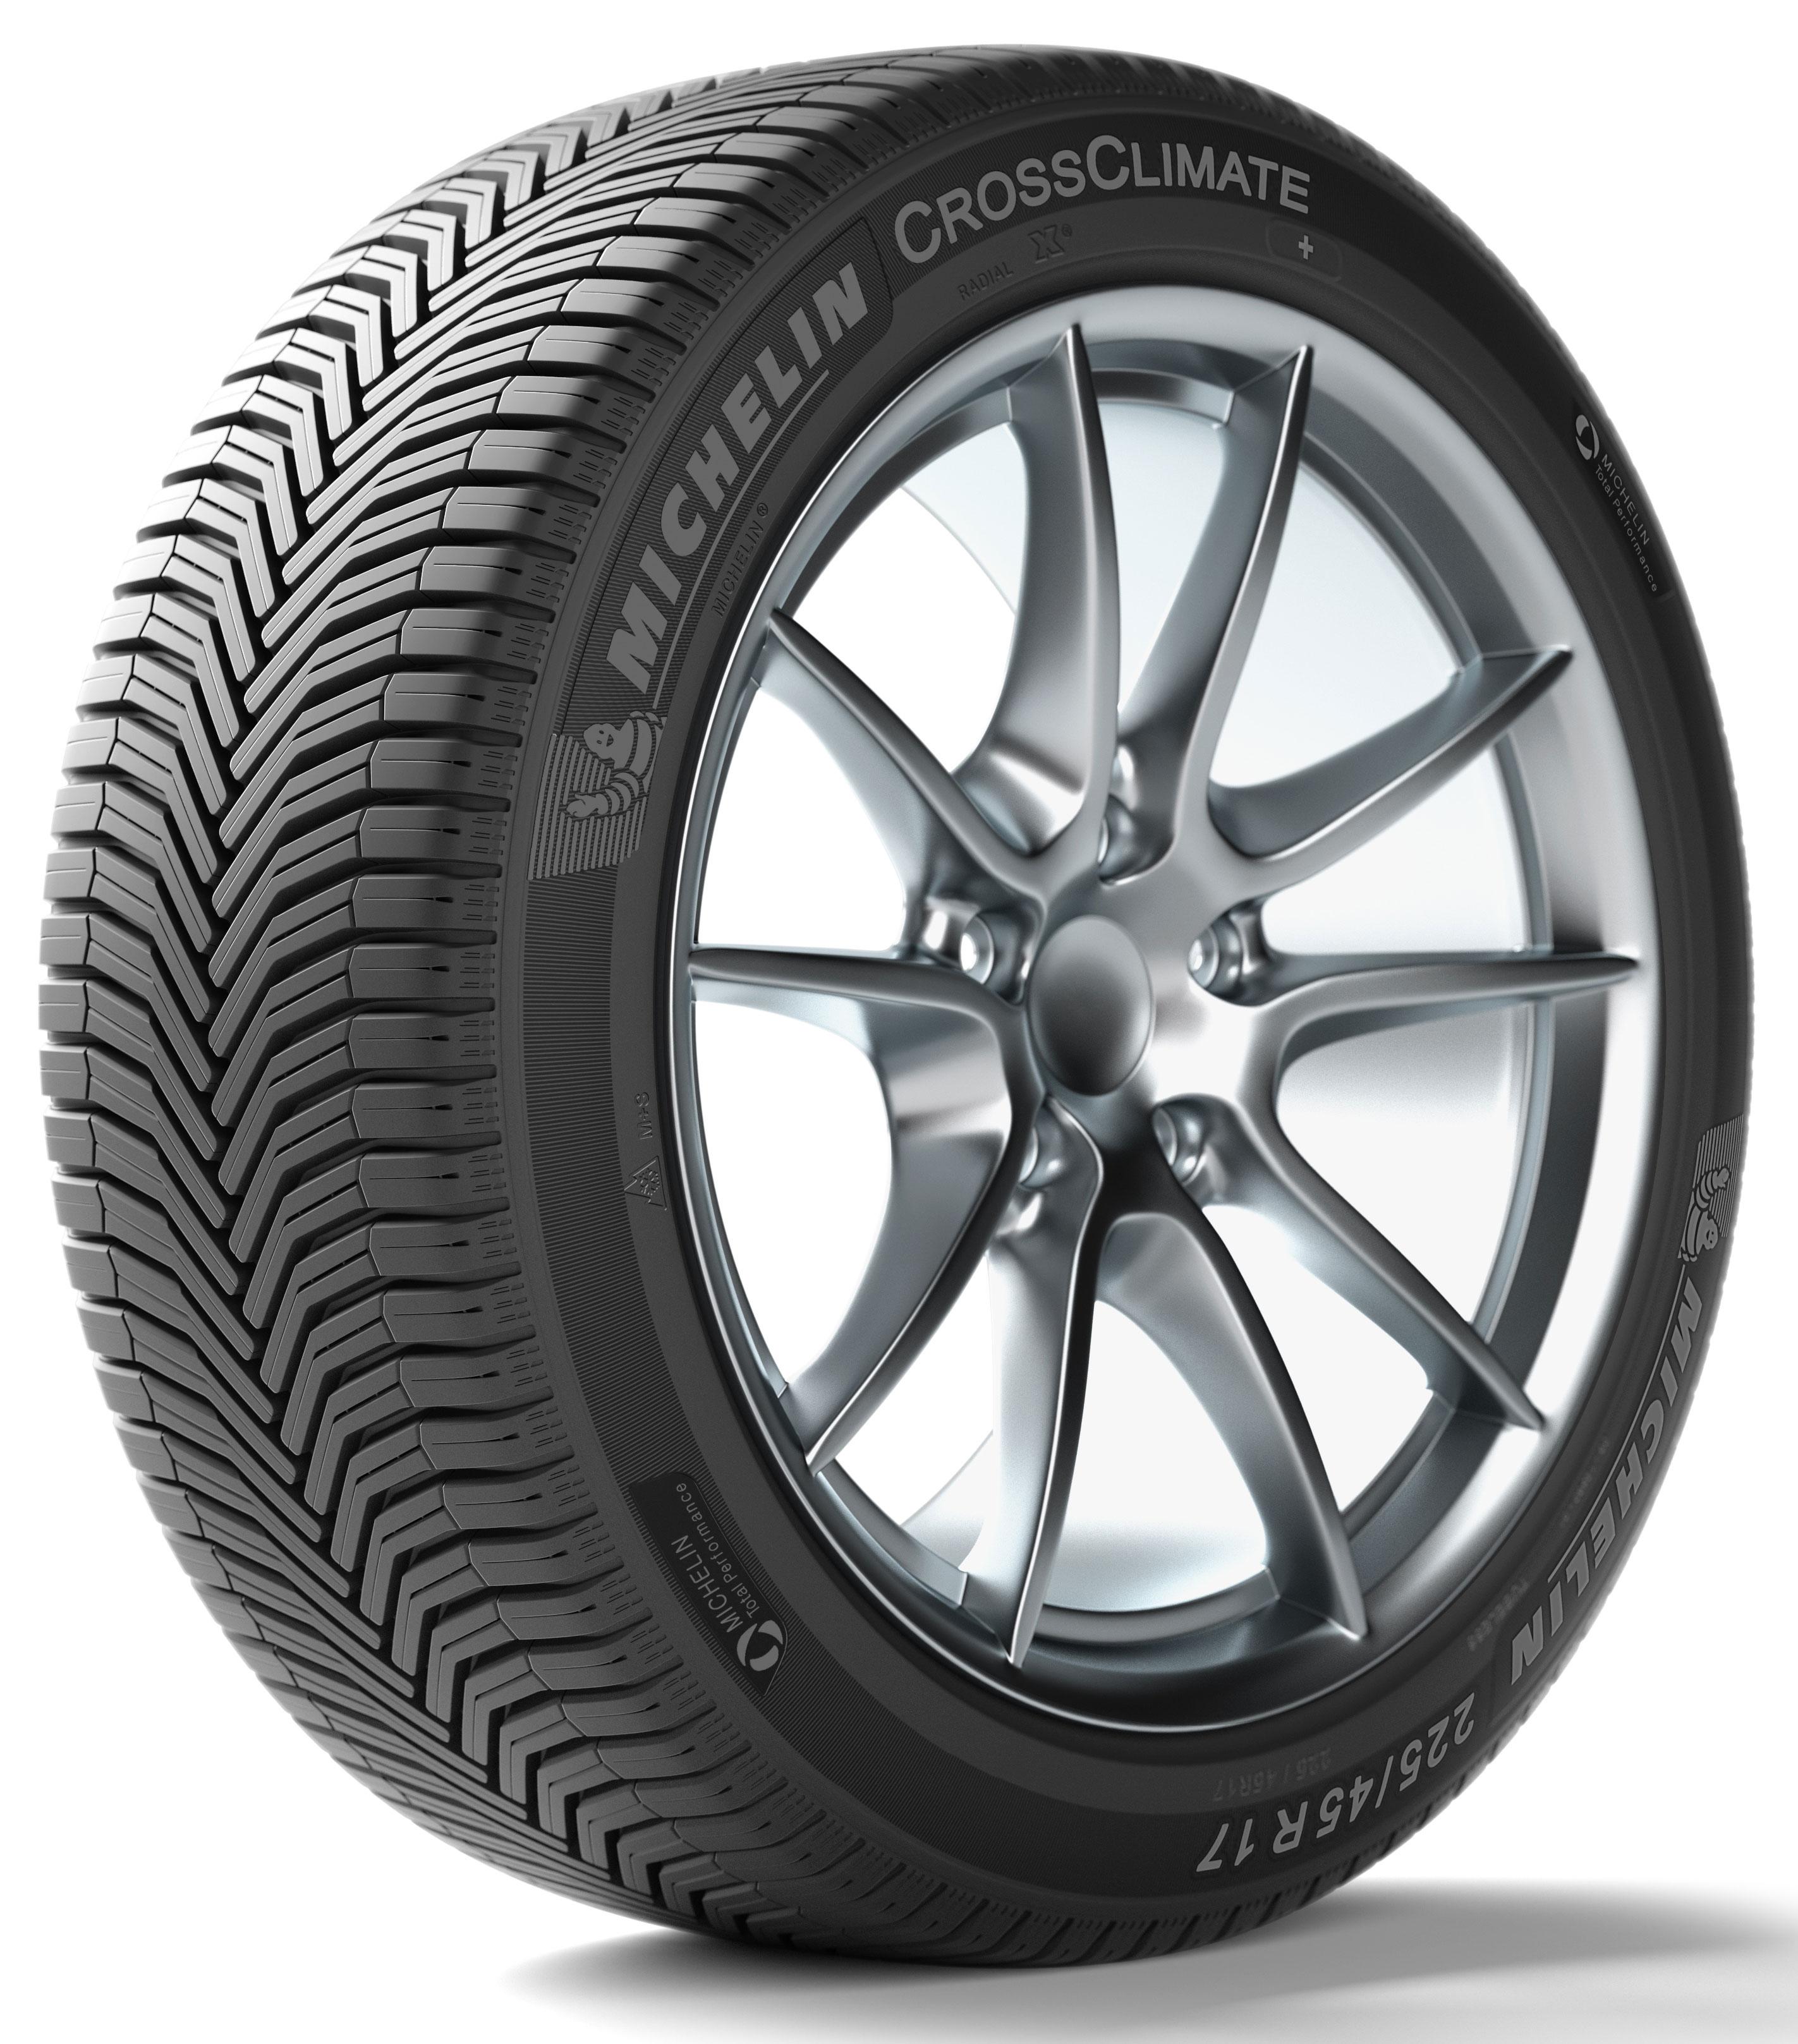 Michelin CrossClimate+ XL 215/60 R16 99V négyévszakos gumi